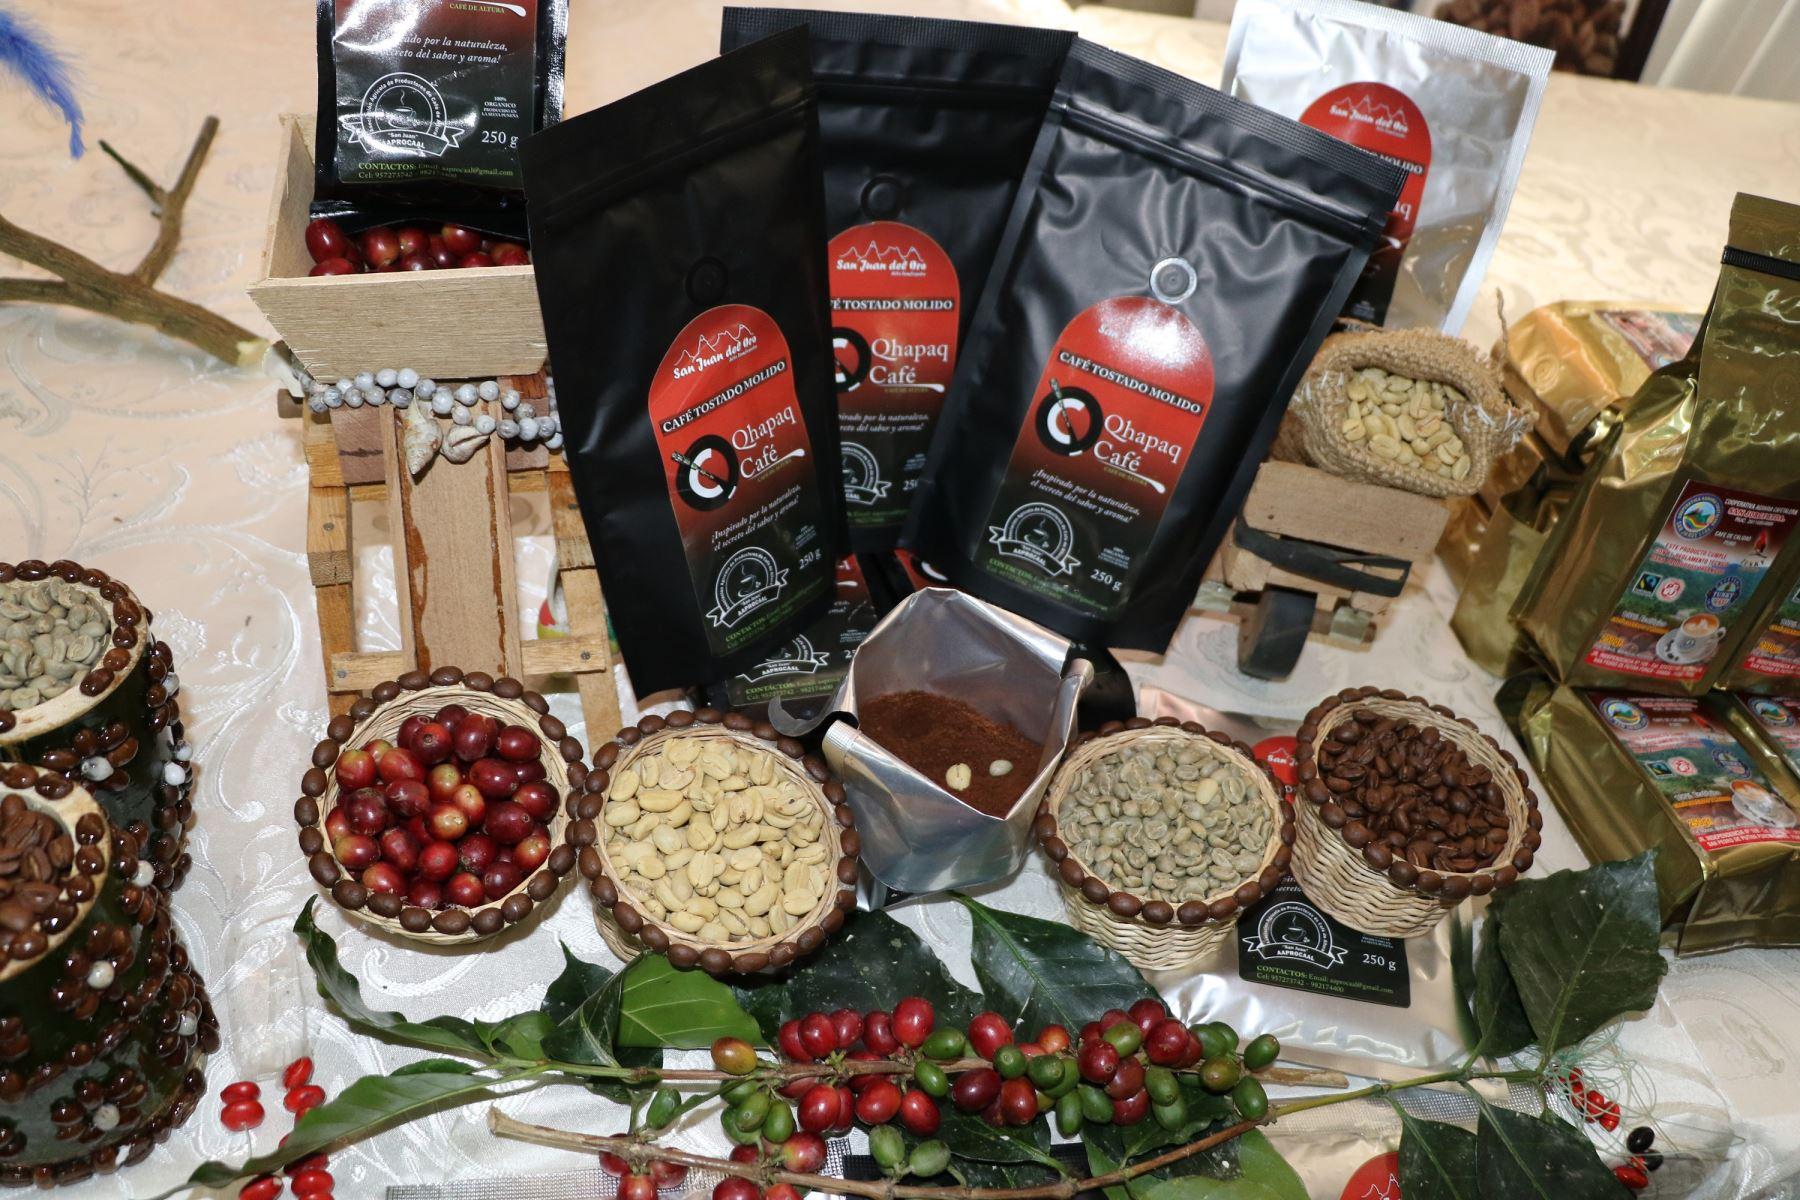 Caficultores de Puno mostrarán sus mejores variedades de café en feria por Fiestas Patrias. ANDINA